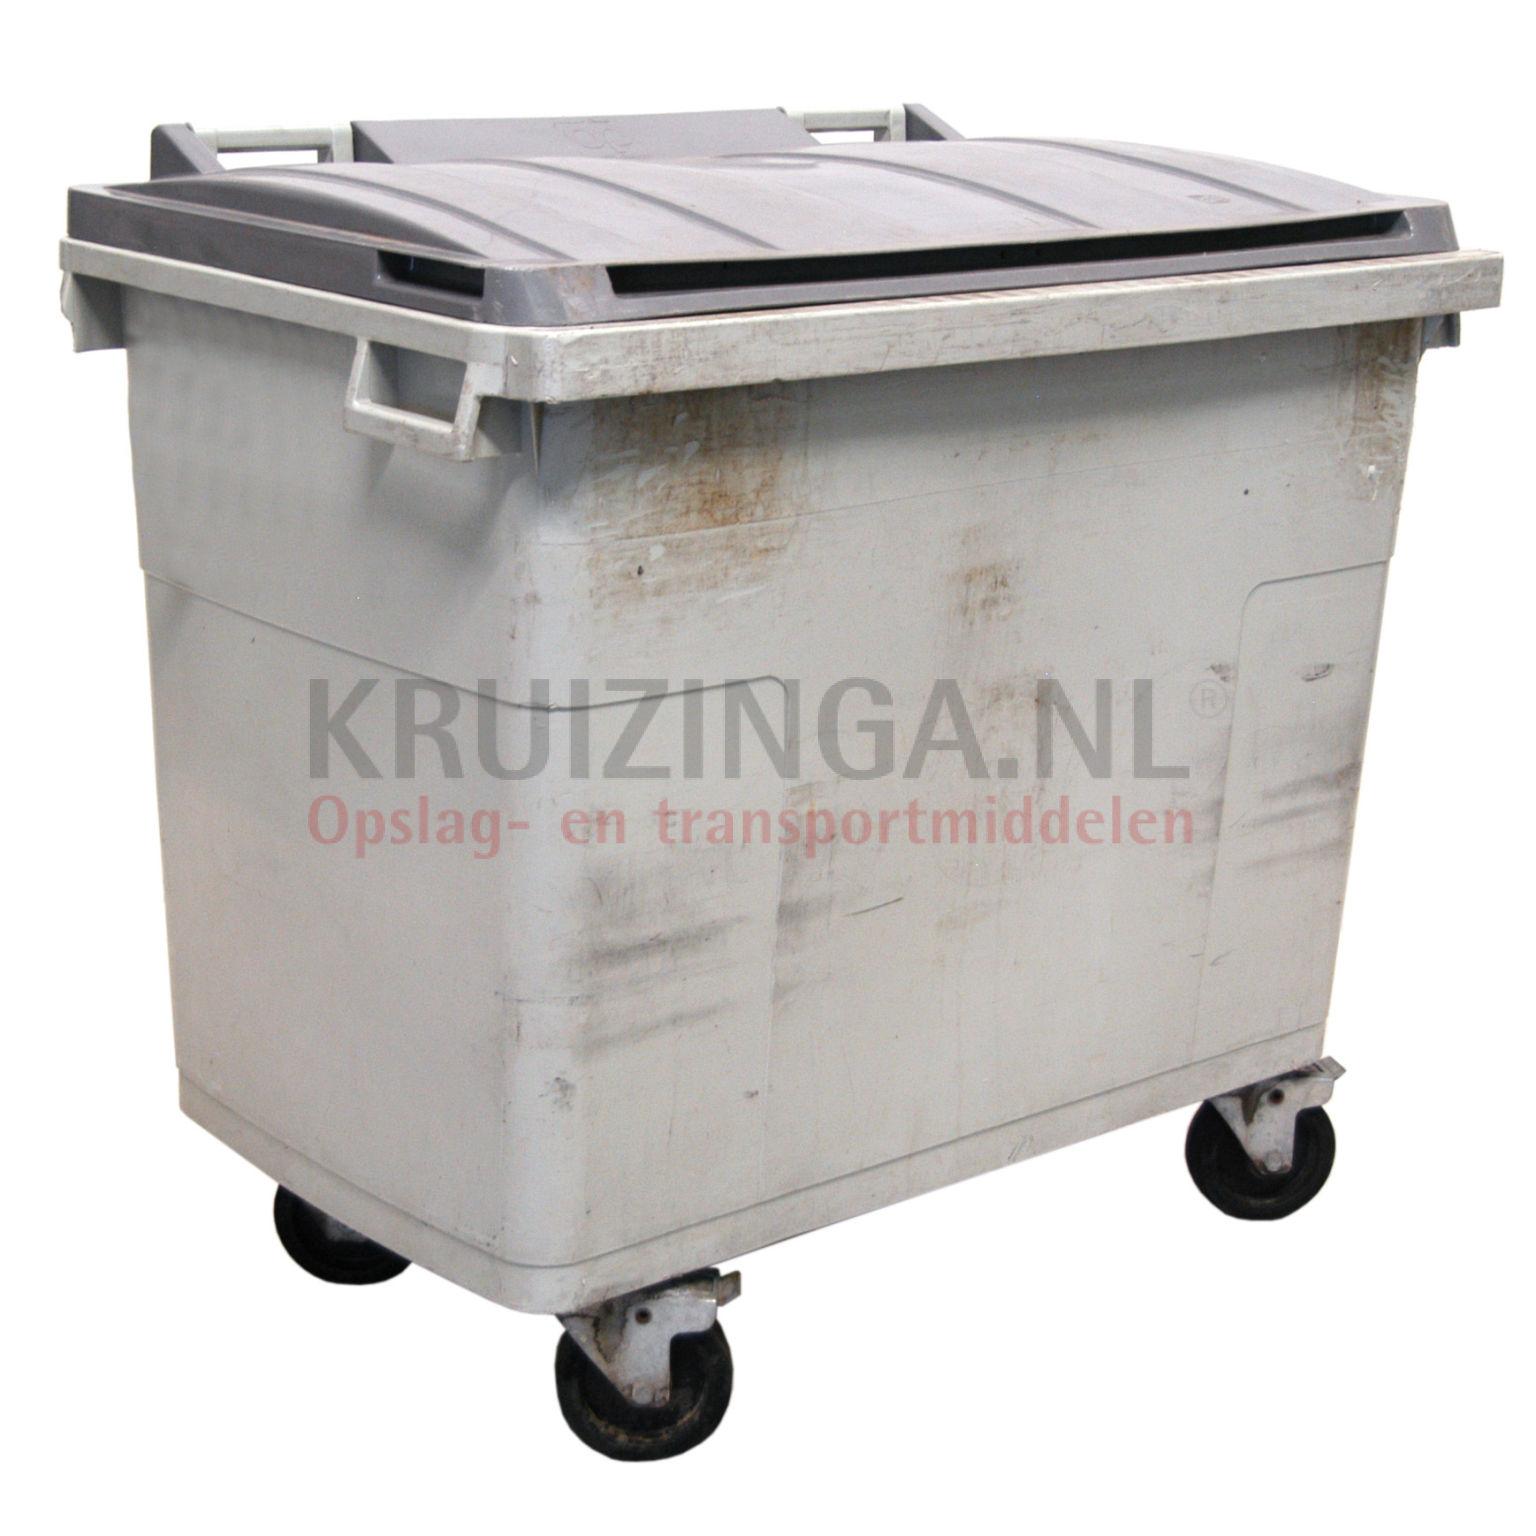 conteneur poubelle occasion d chets et hygi ne avec couvercle articul b qualit avec l ger. Black Bedroom Furniture Sets. Home Design Ideas